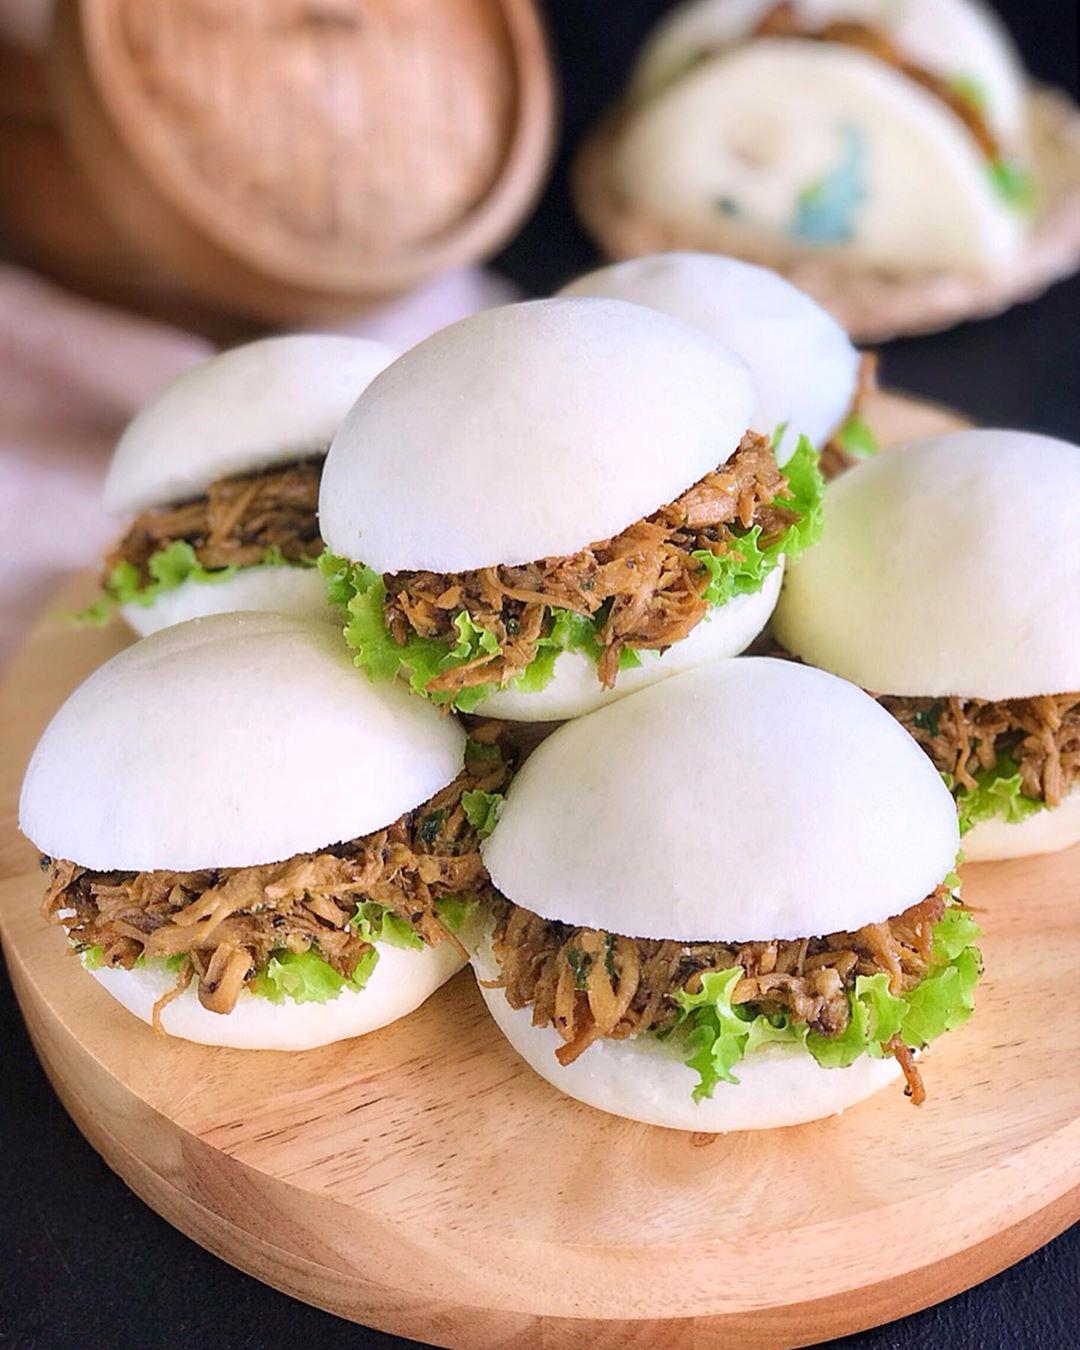 Resep Burger Pao Ayam Resep Indonesia CaraBiasa.com